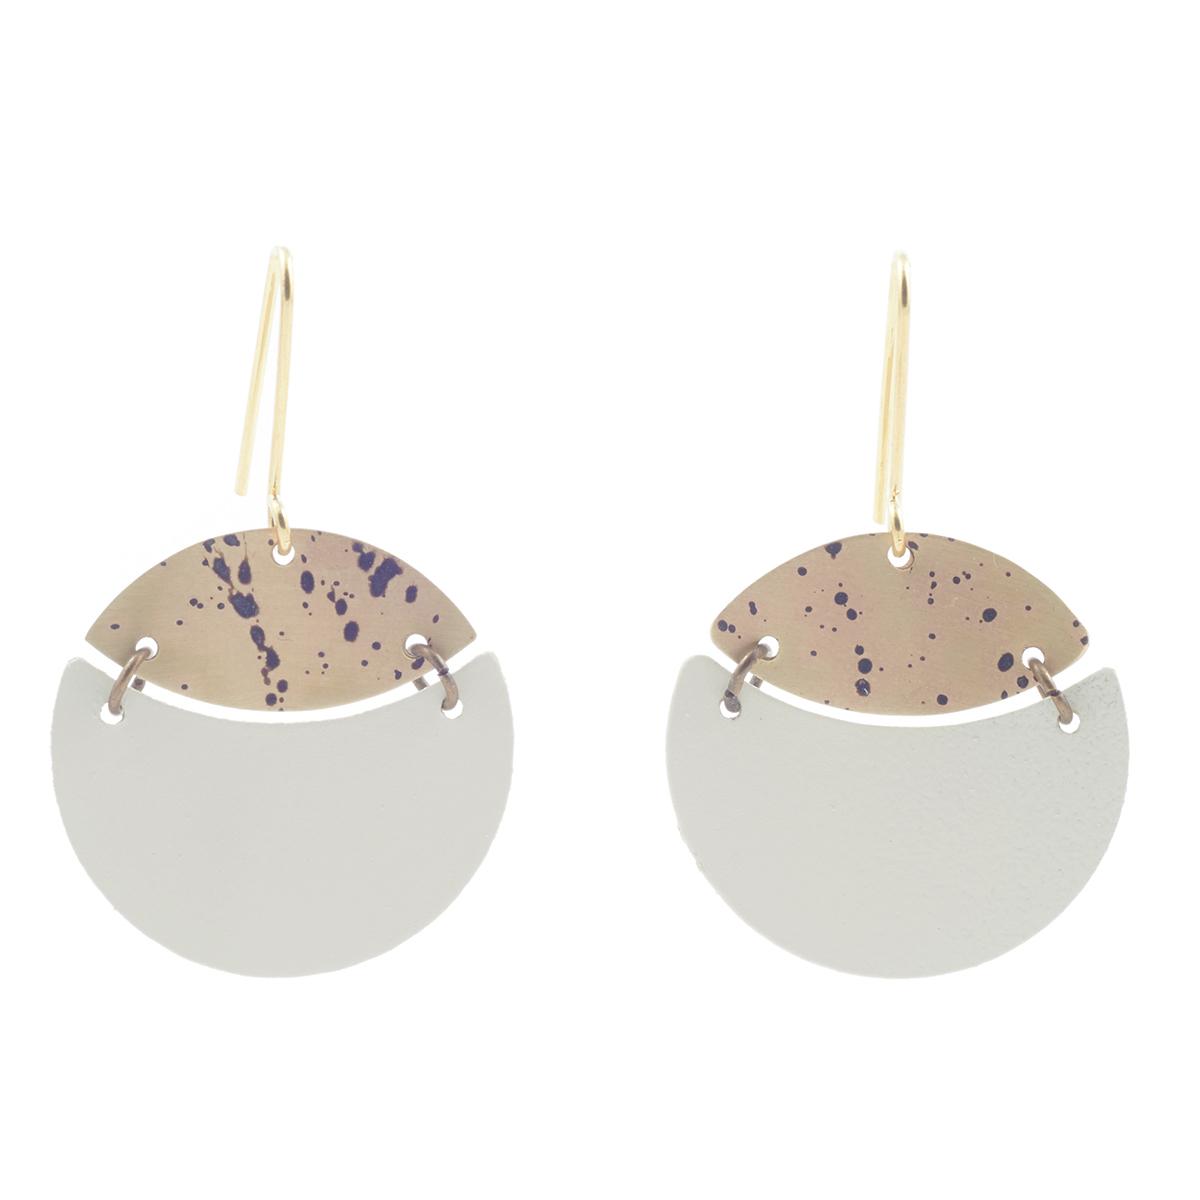 Cream hook earrings by Sibilia